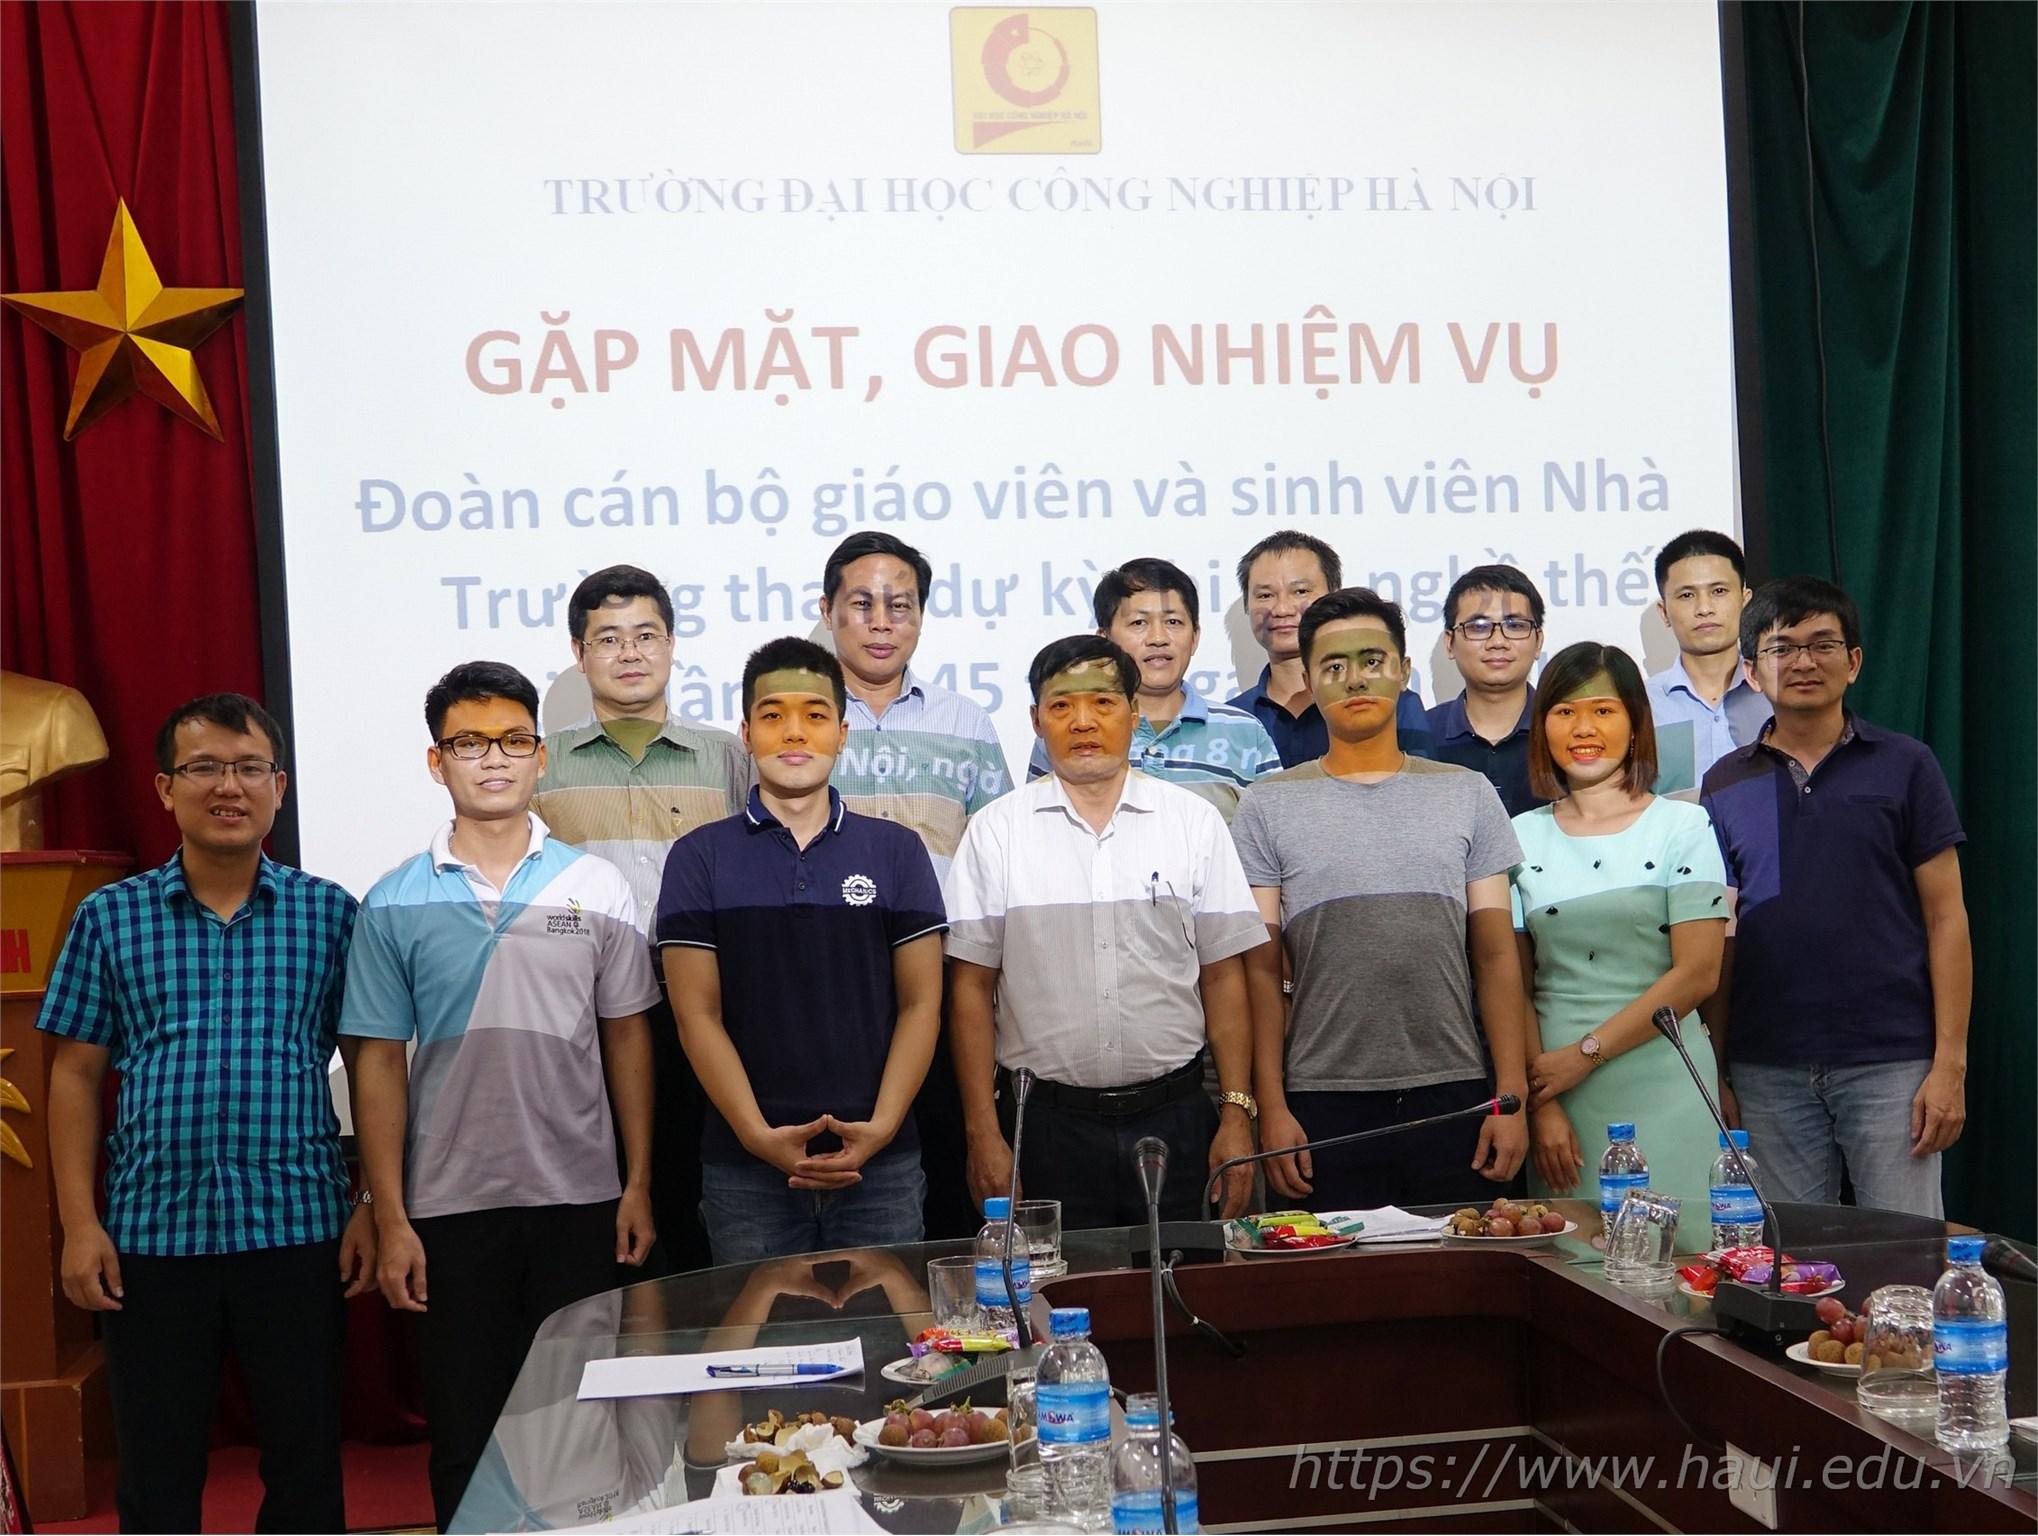 Đại học Công nghiệp Hà Nội tham dự kỳ thi tay nghề thế giới năm 2019